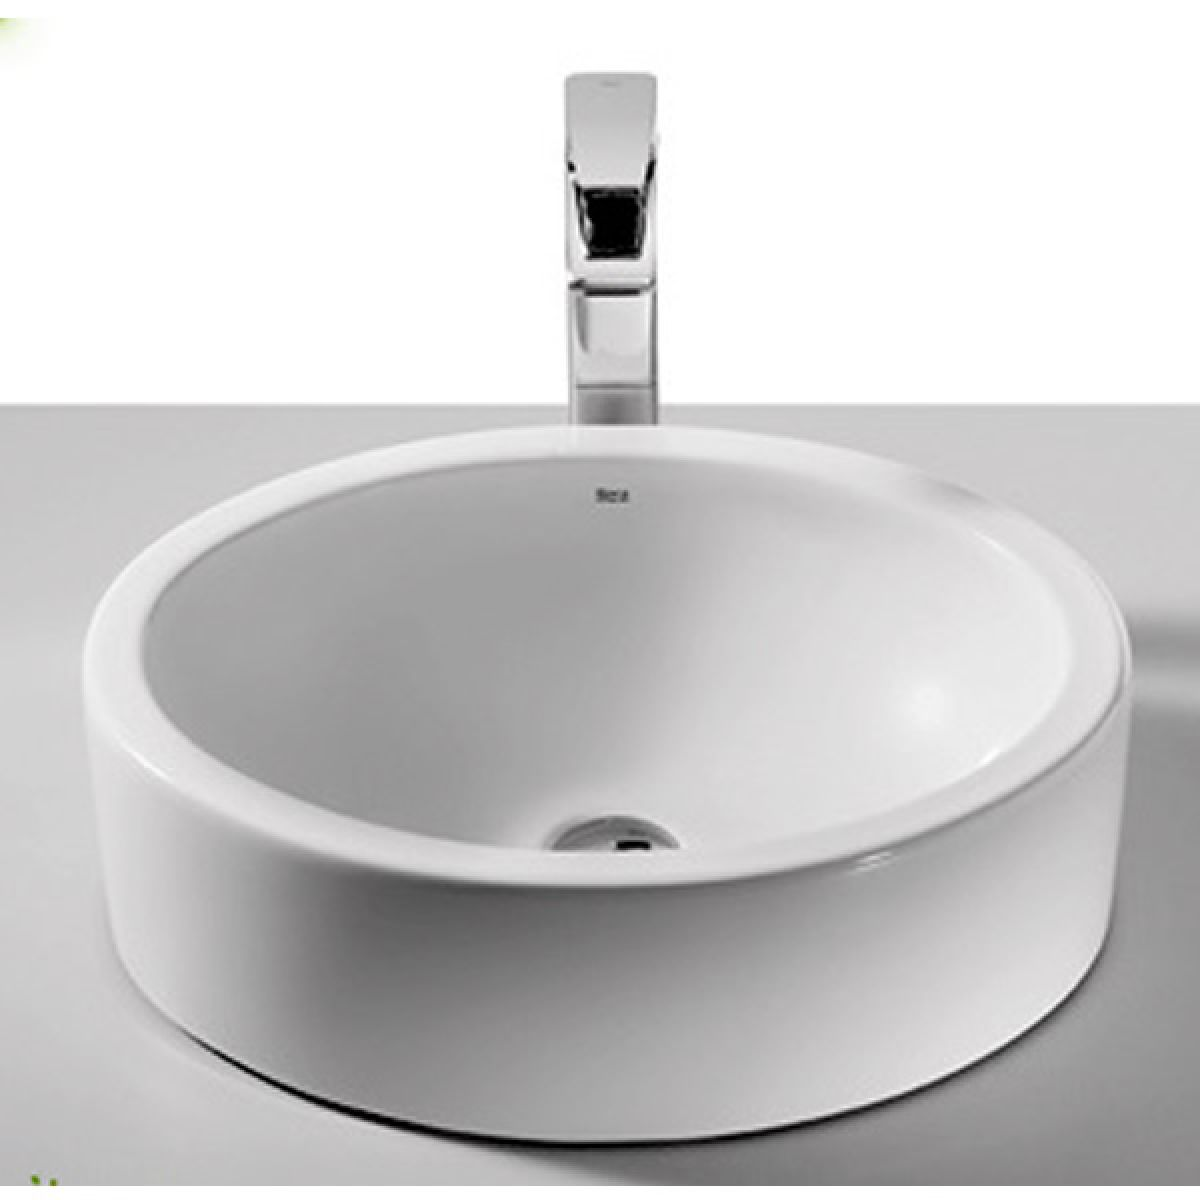 Bathroom Basin Countertop : Roca Fuego Over Countertop Basin : UK Bathrooms